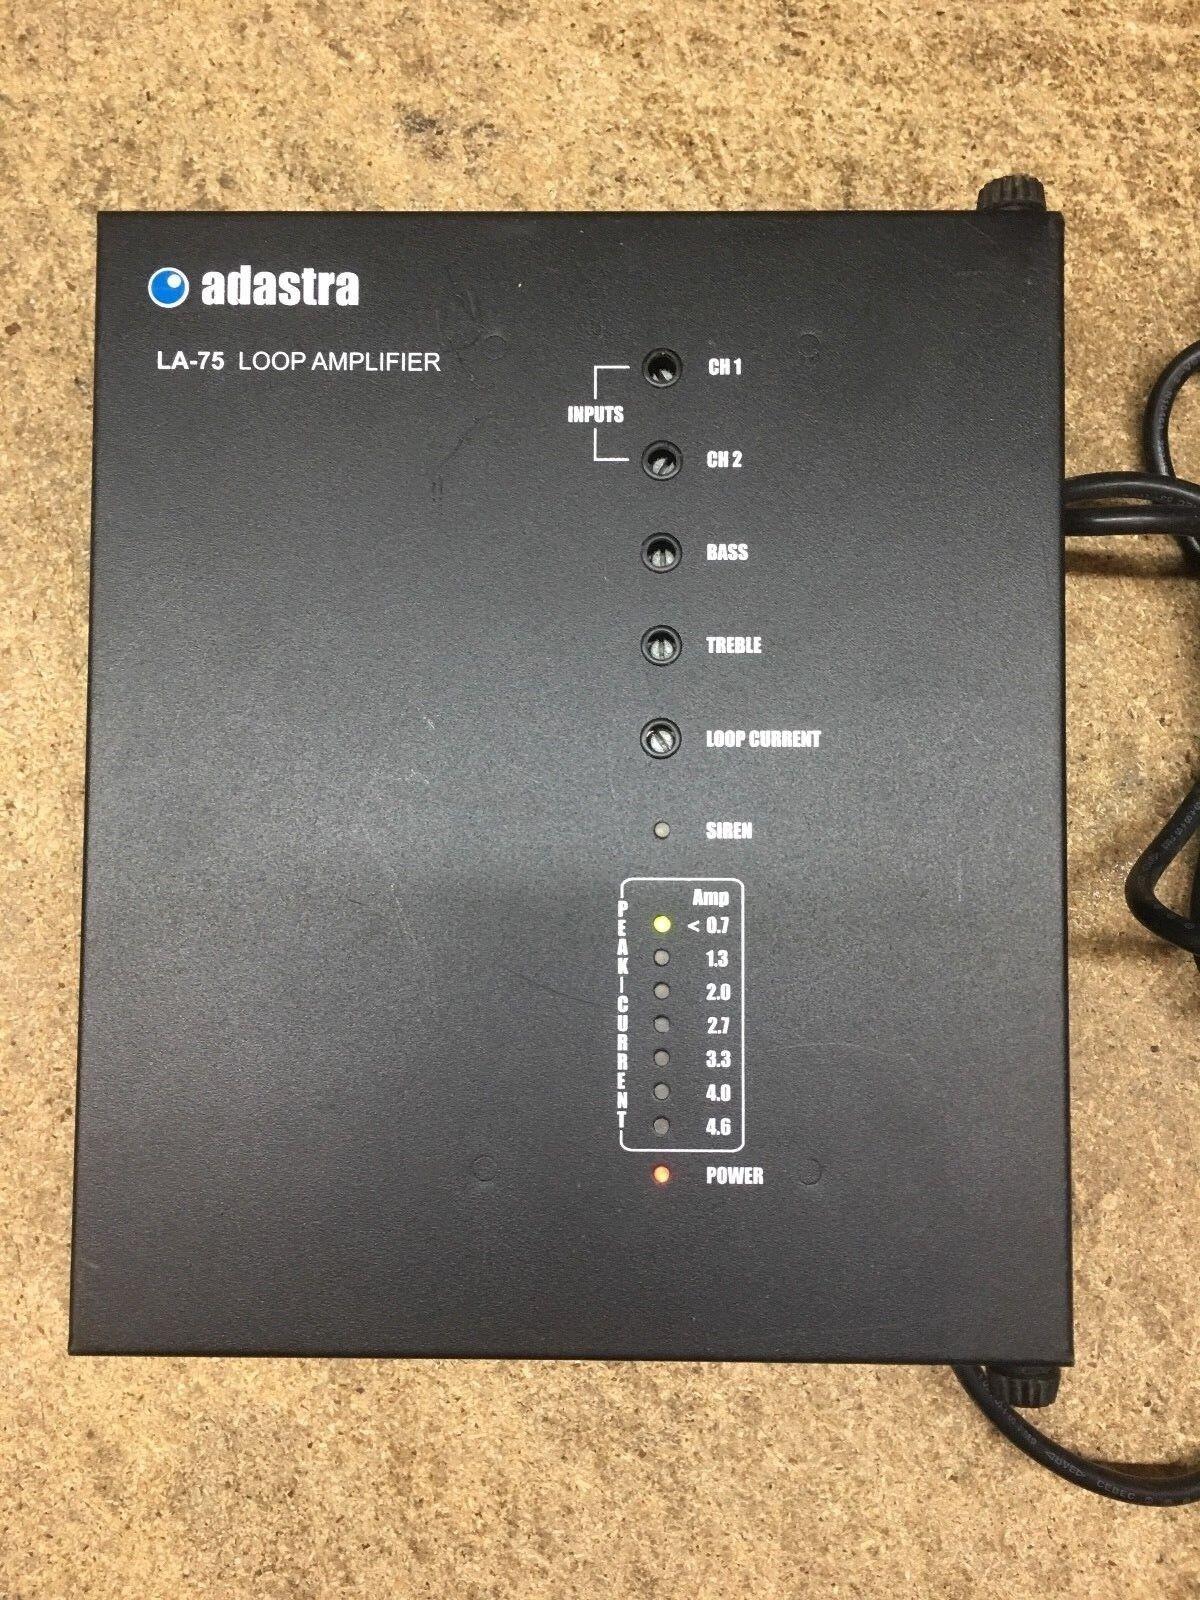 ADASTRA 952.859 LA75 INDUCTION LOOP AMPLIFIER - FAULTY